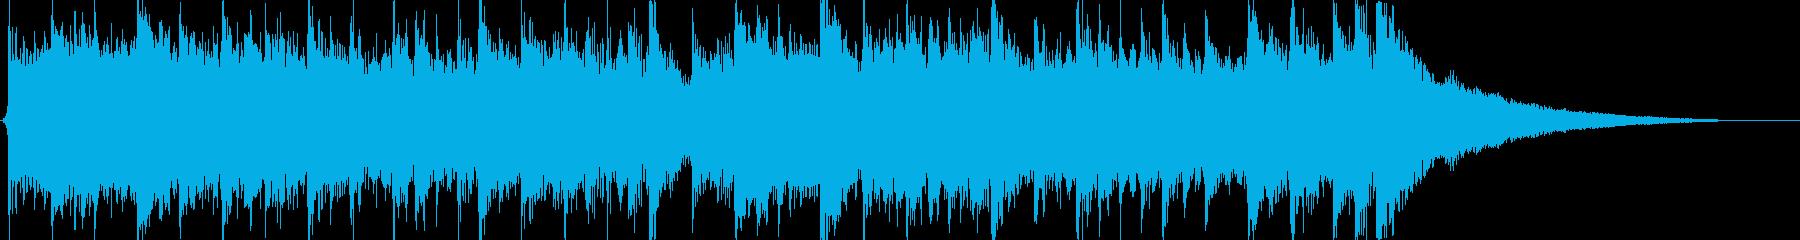 透明感や疾走感のある生音系のジングルの再生済みの波形